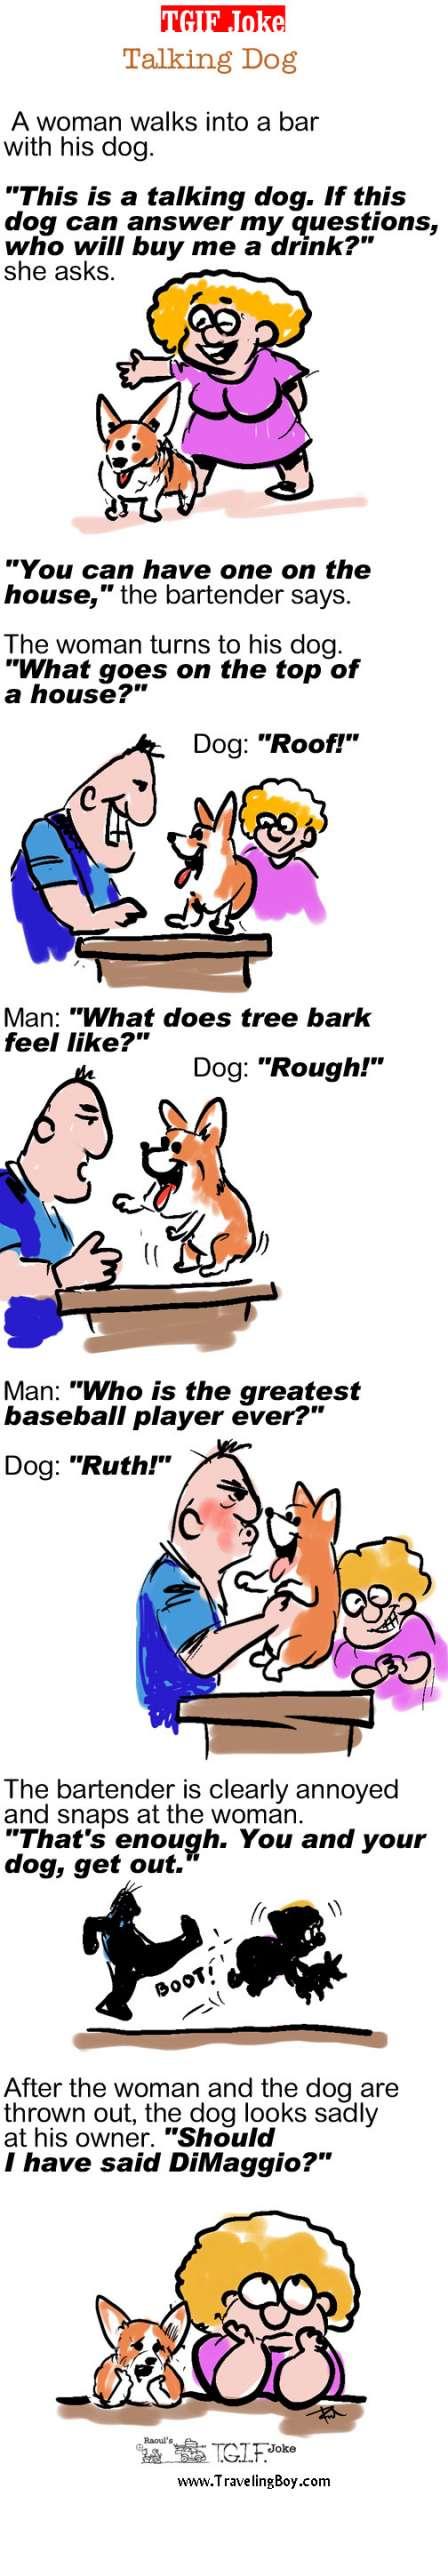 TGIF Joke of the Week: Talking Dog